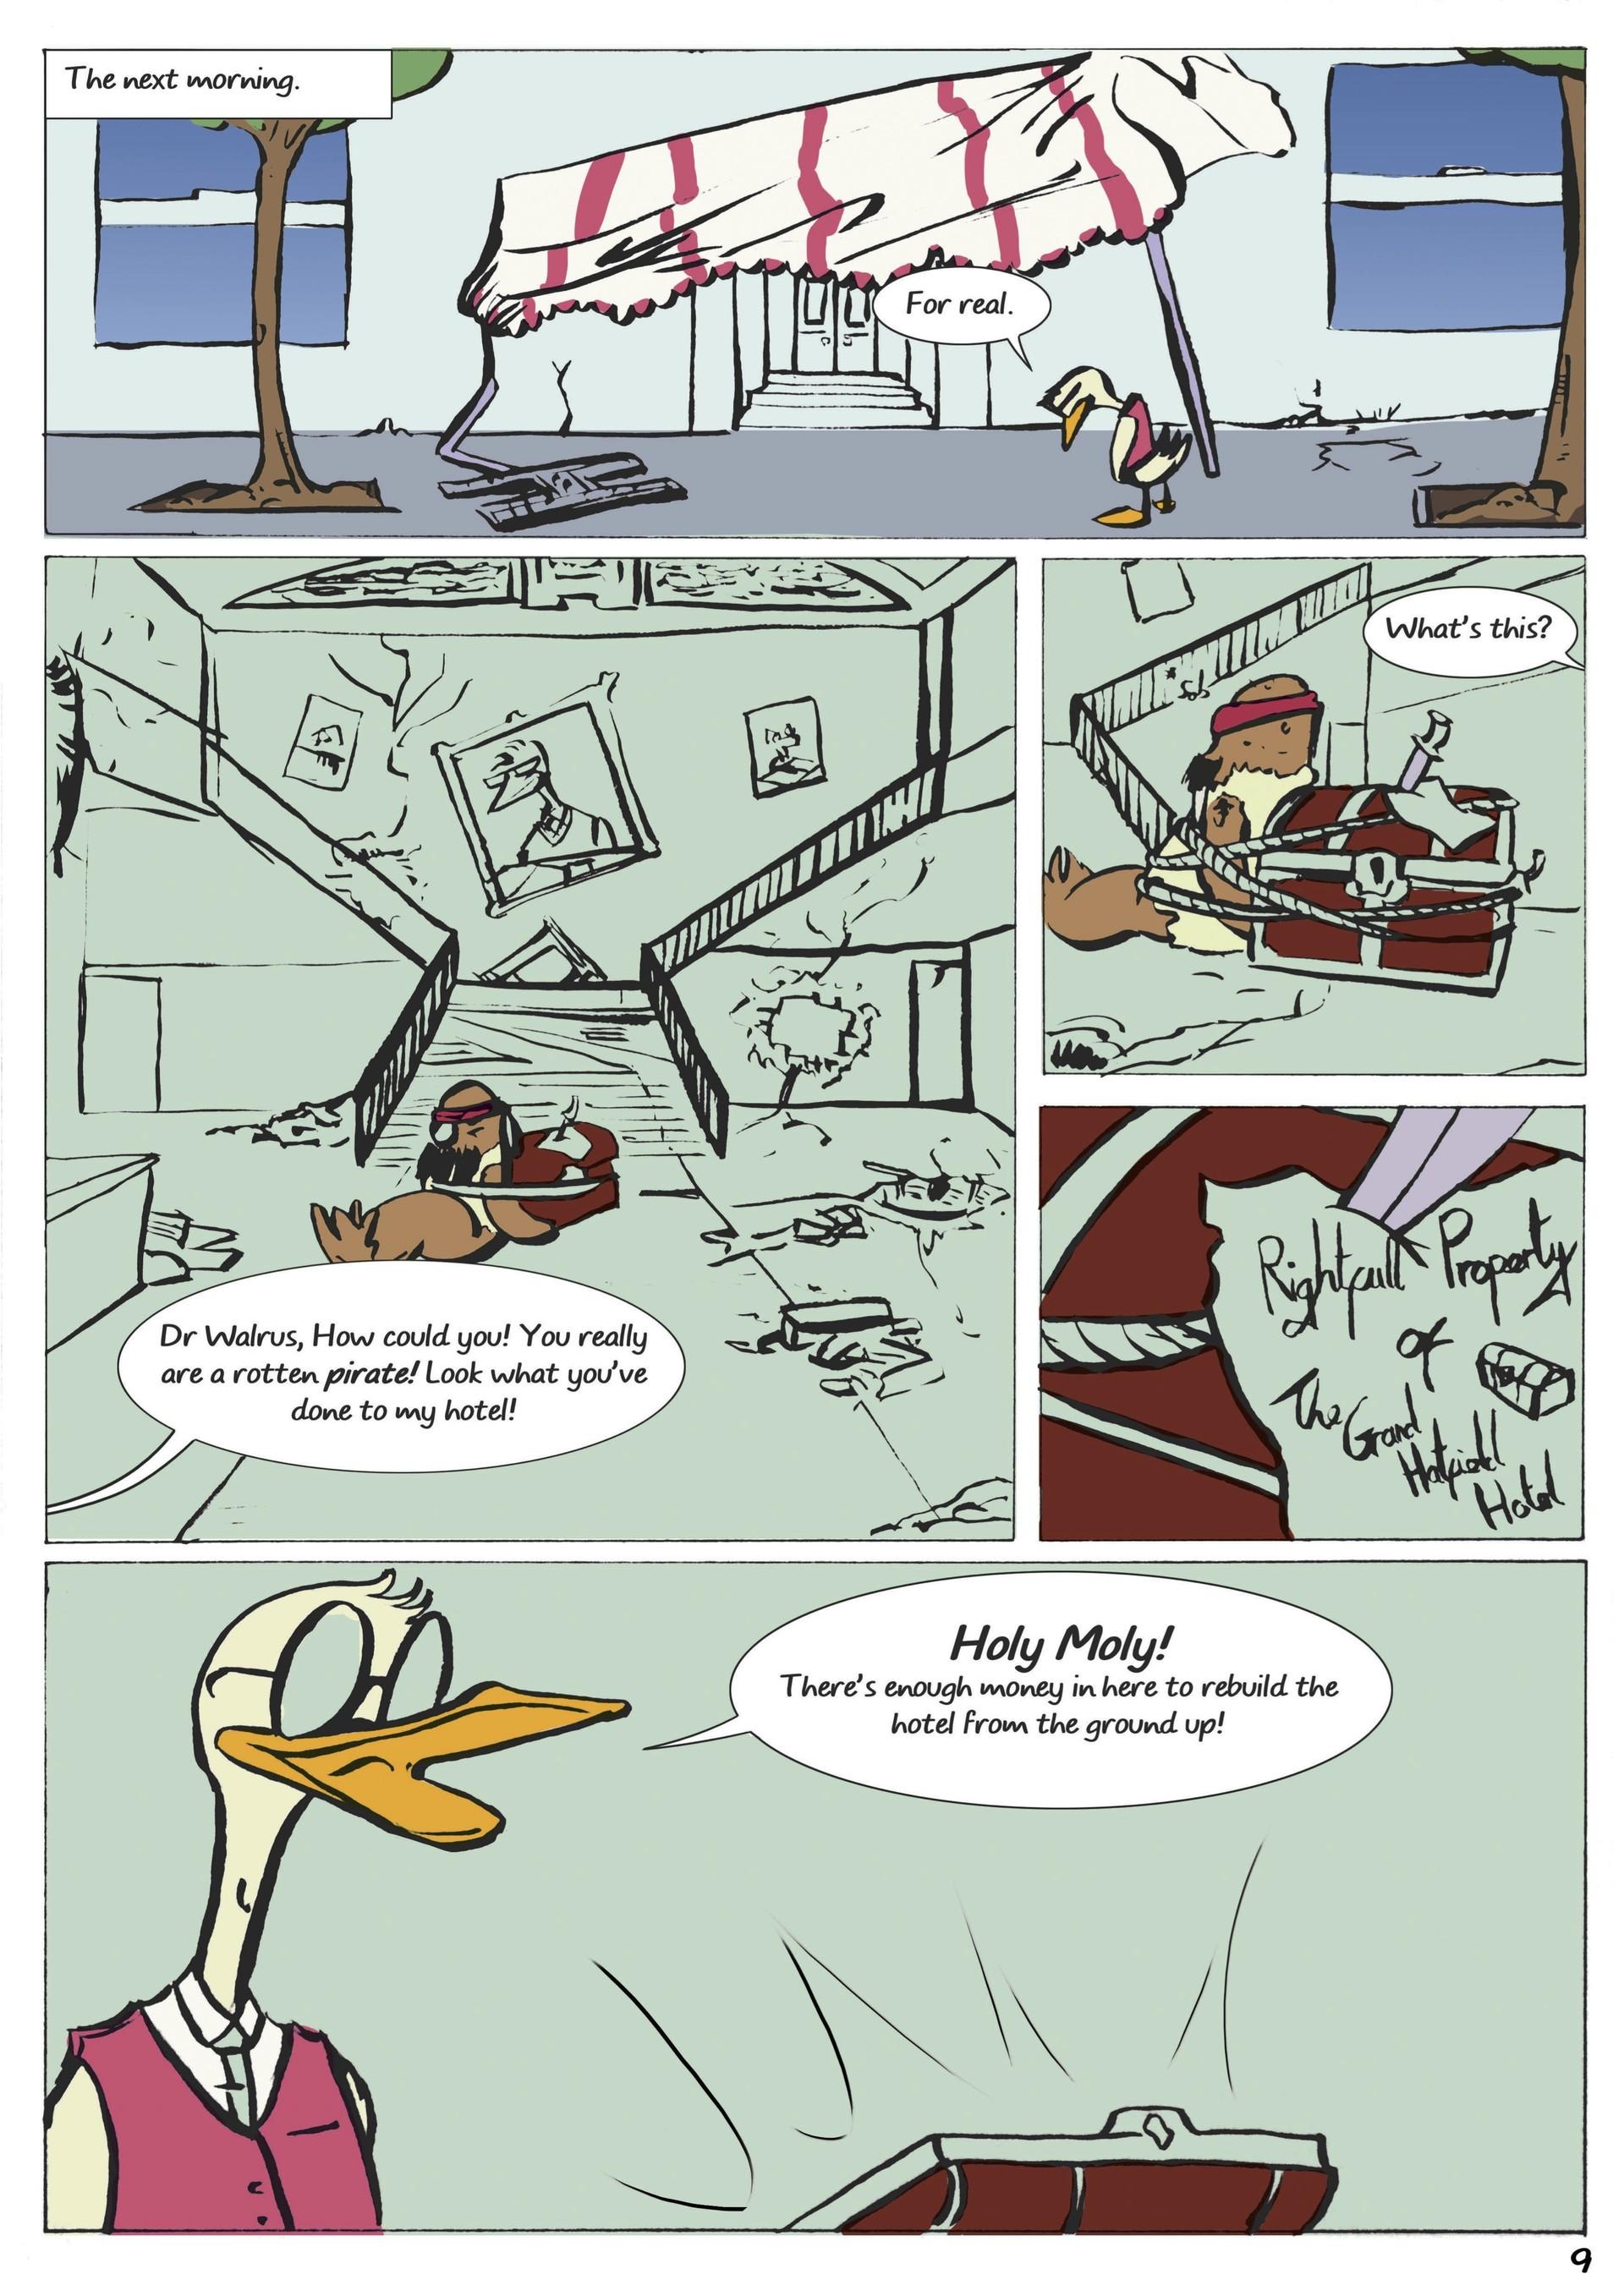 Oliver hopley comic 07 9